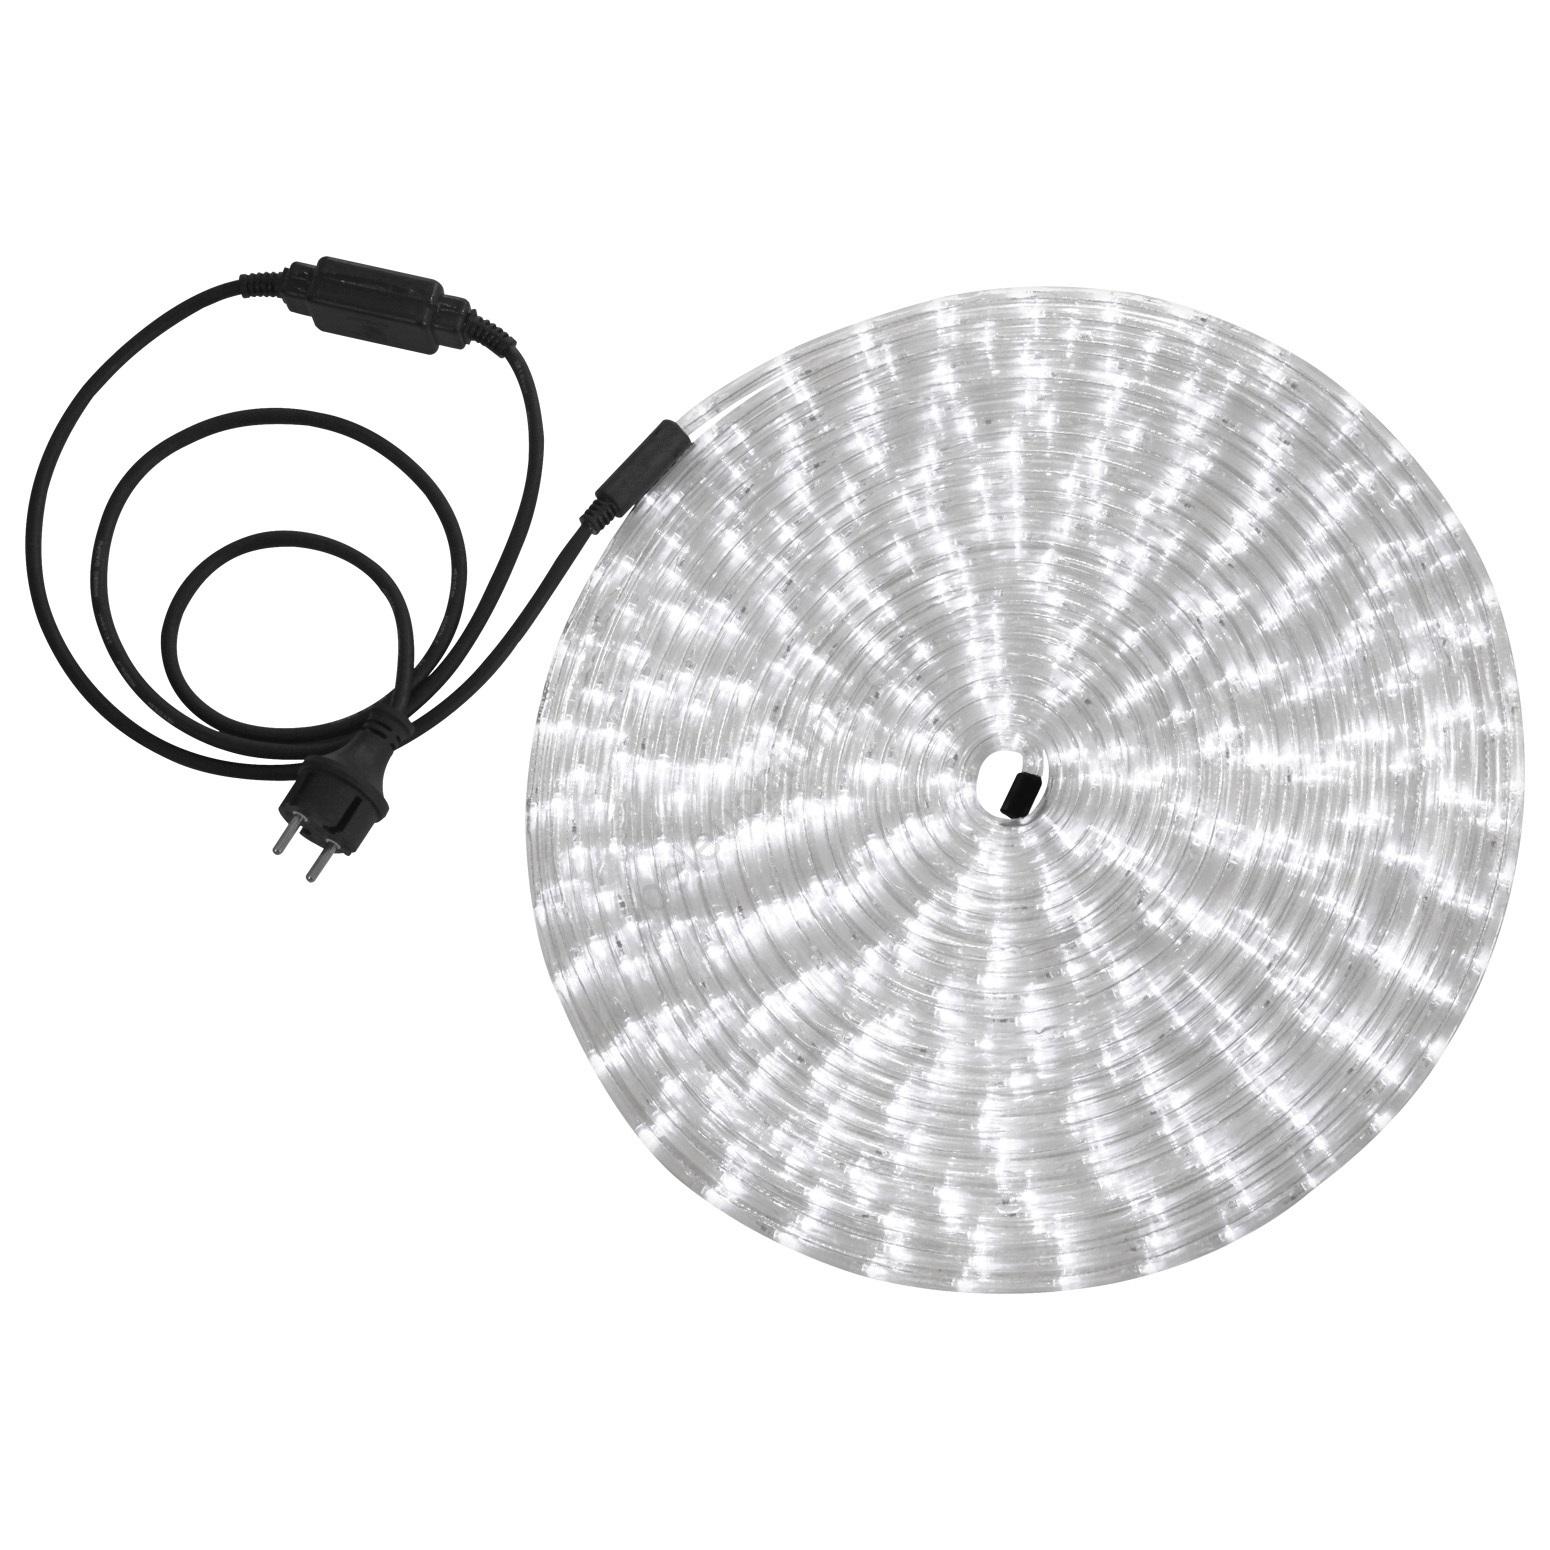 Led Beleuchtung Hersteller : LEDLichtschlauch Lichtschlauch 432xMB 18 m0,06 W Ihr Innen oder